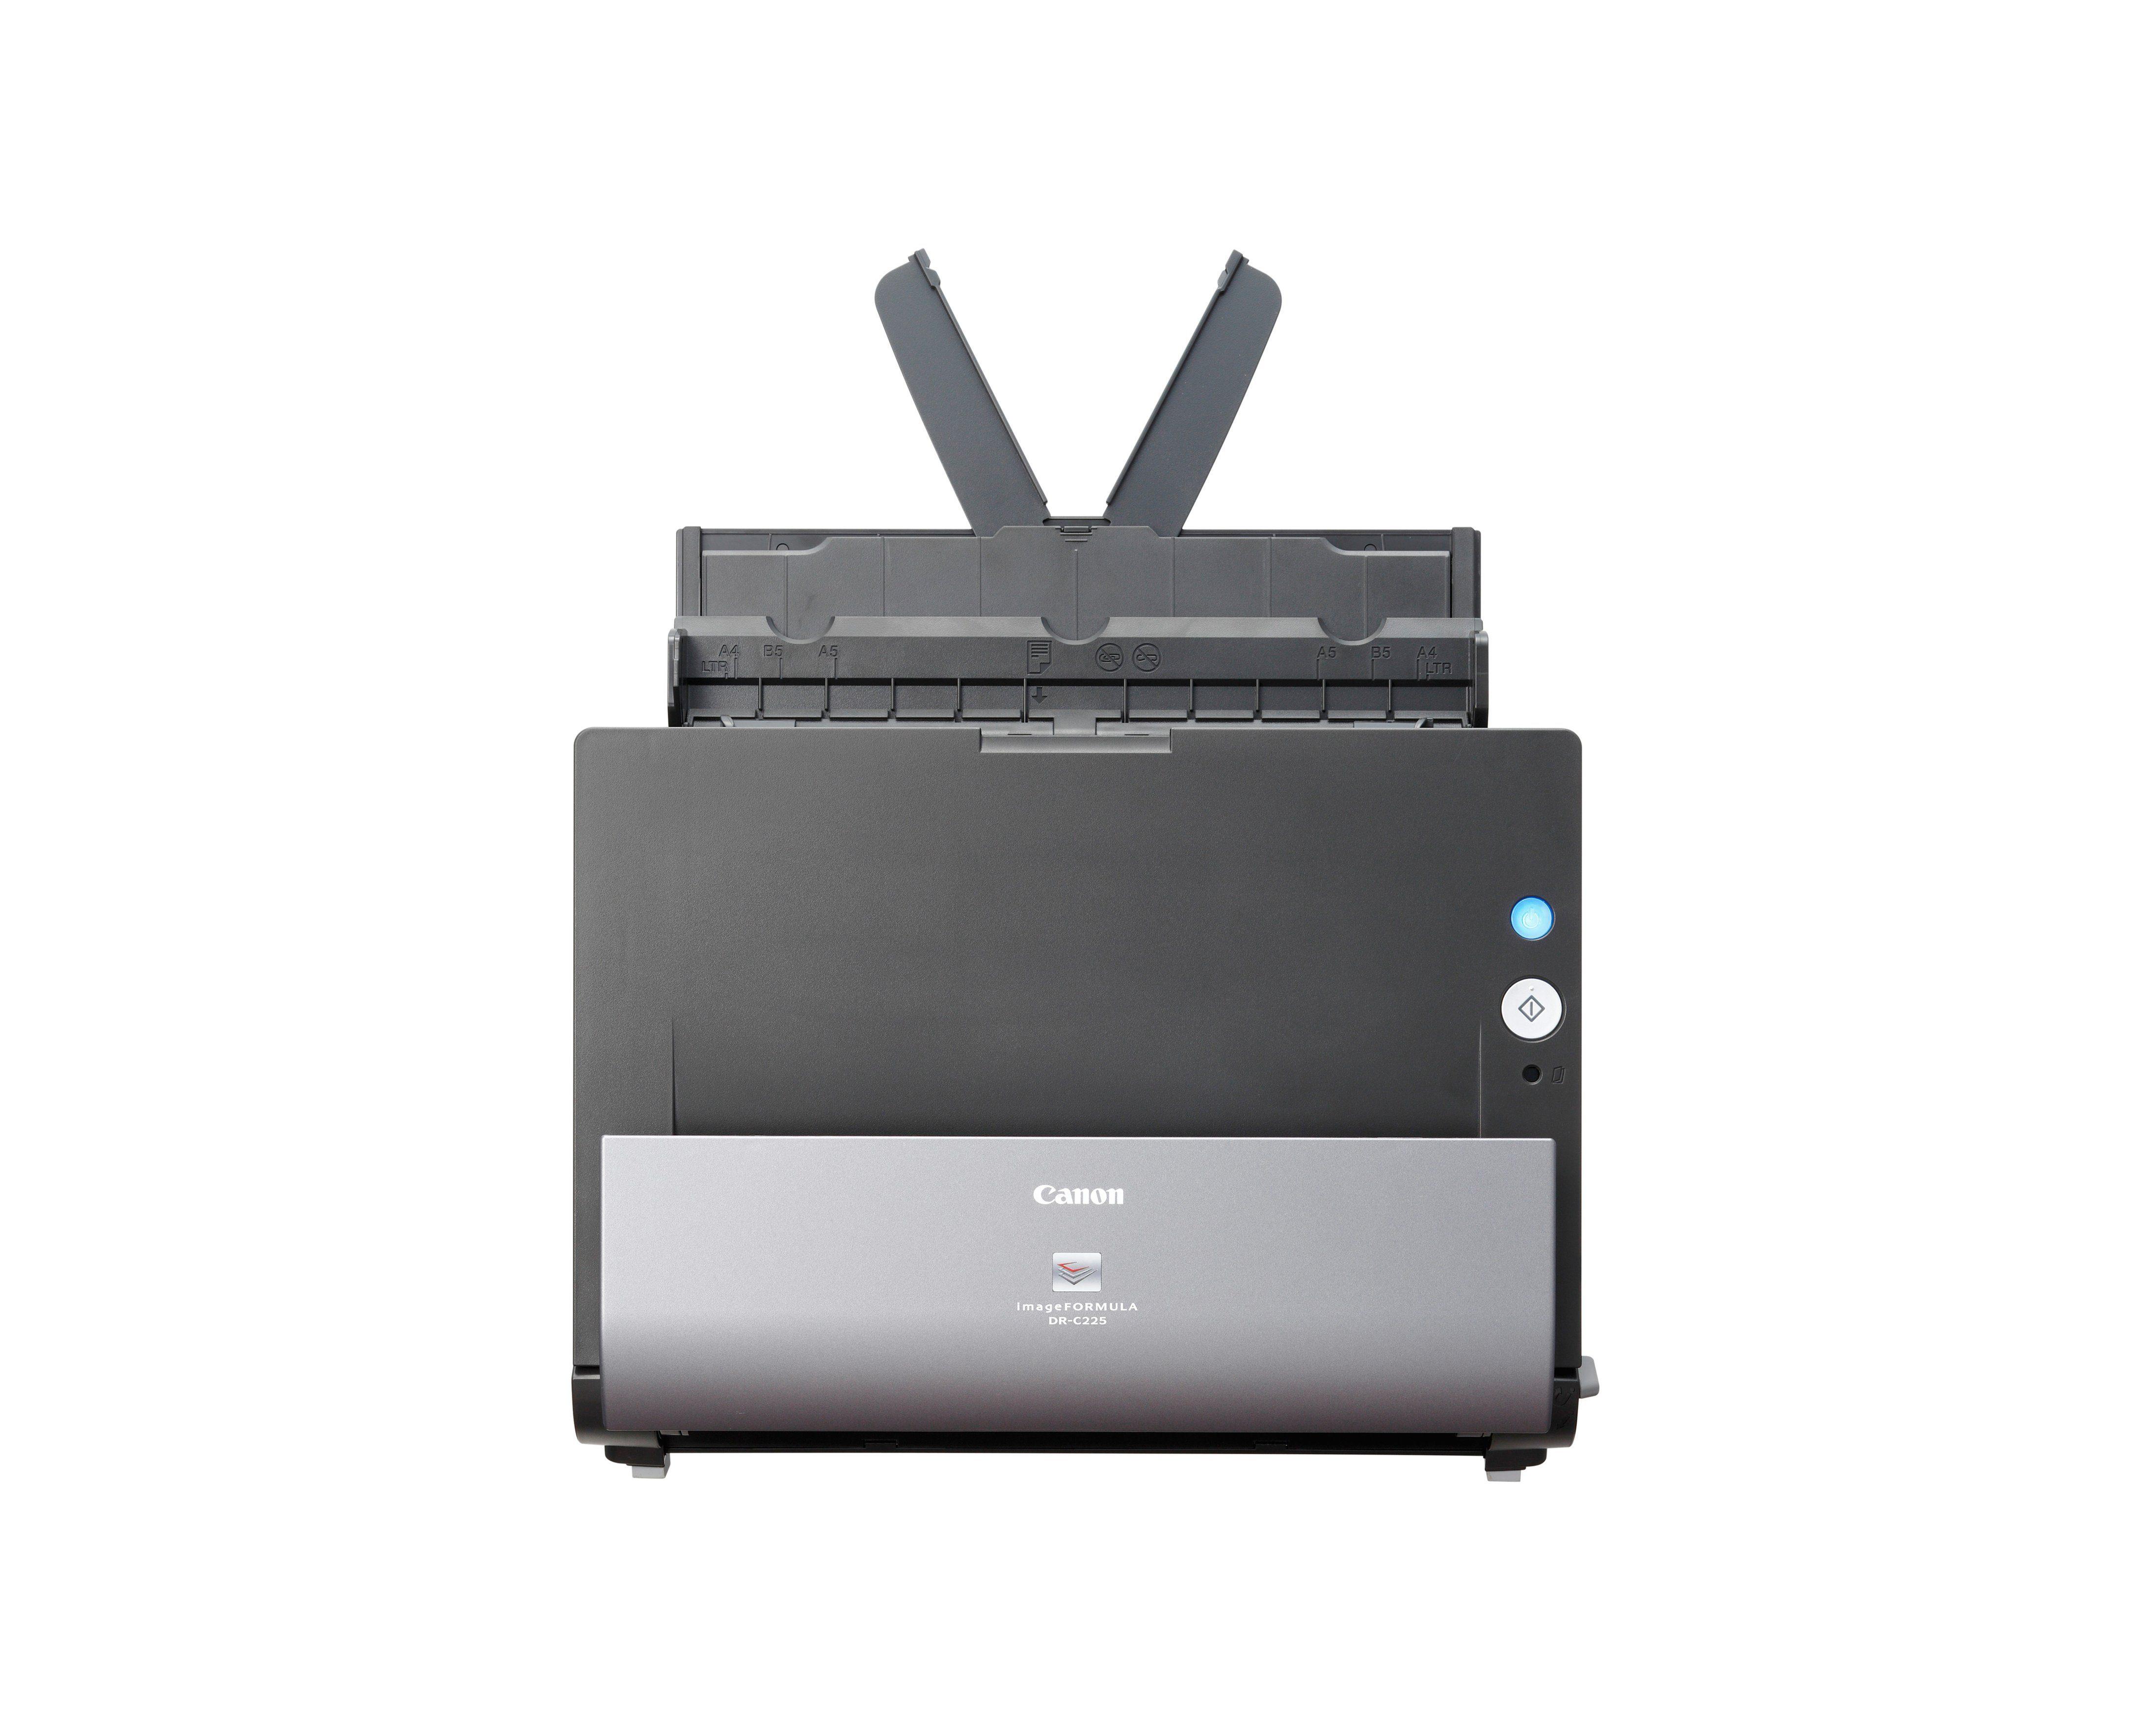 Canon Dokumentenscanner »DR-C225 DOCUMENT SCANNER«